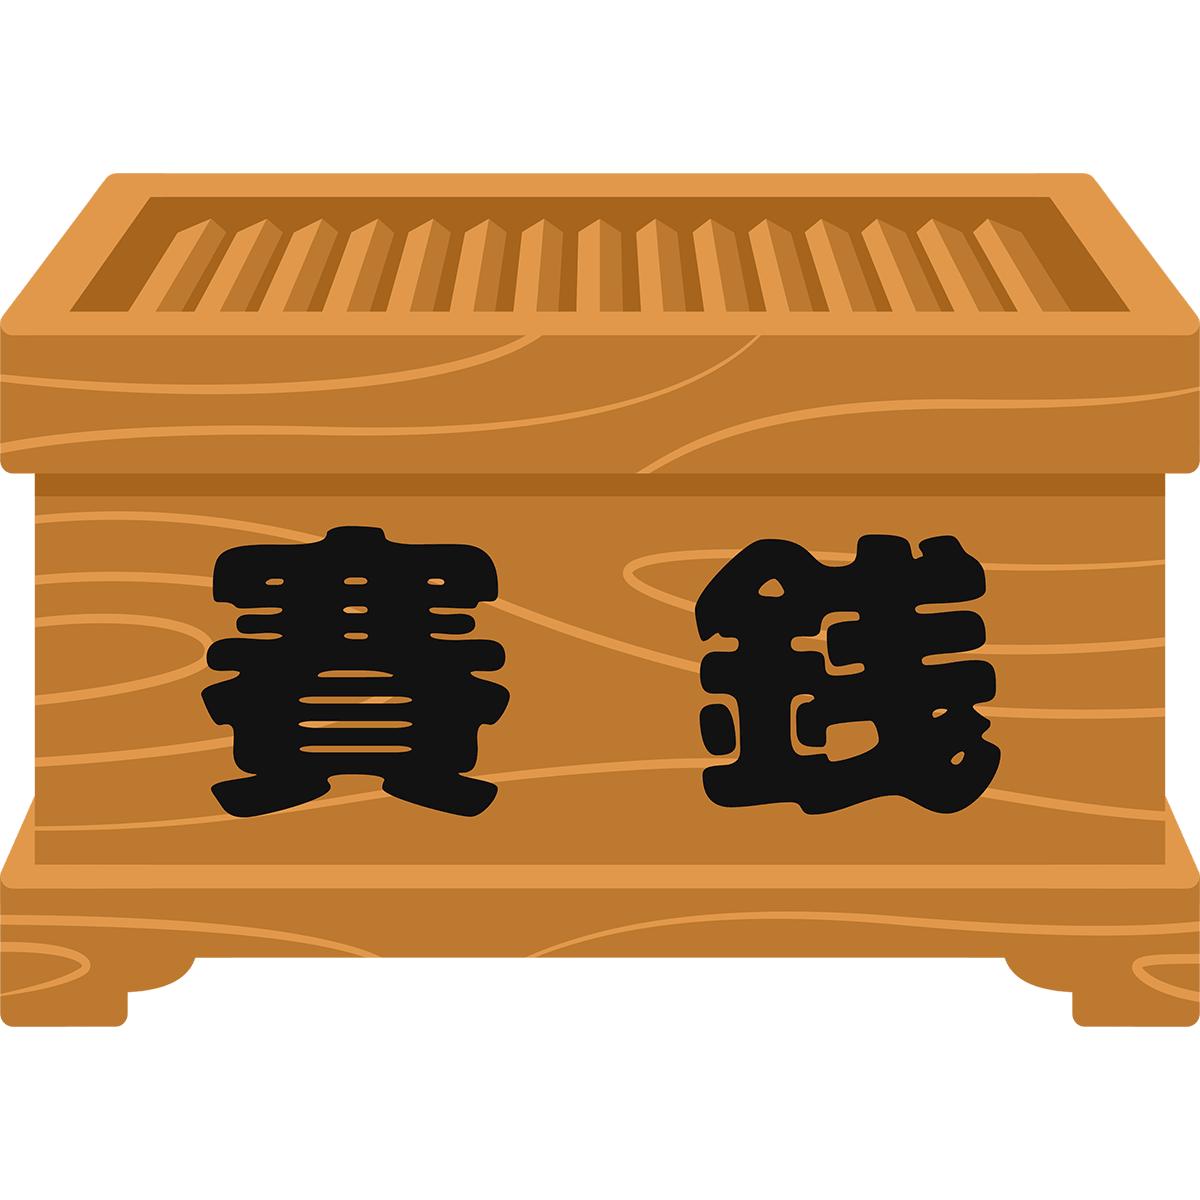 賽銭箱の無料イラスト